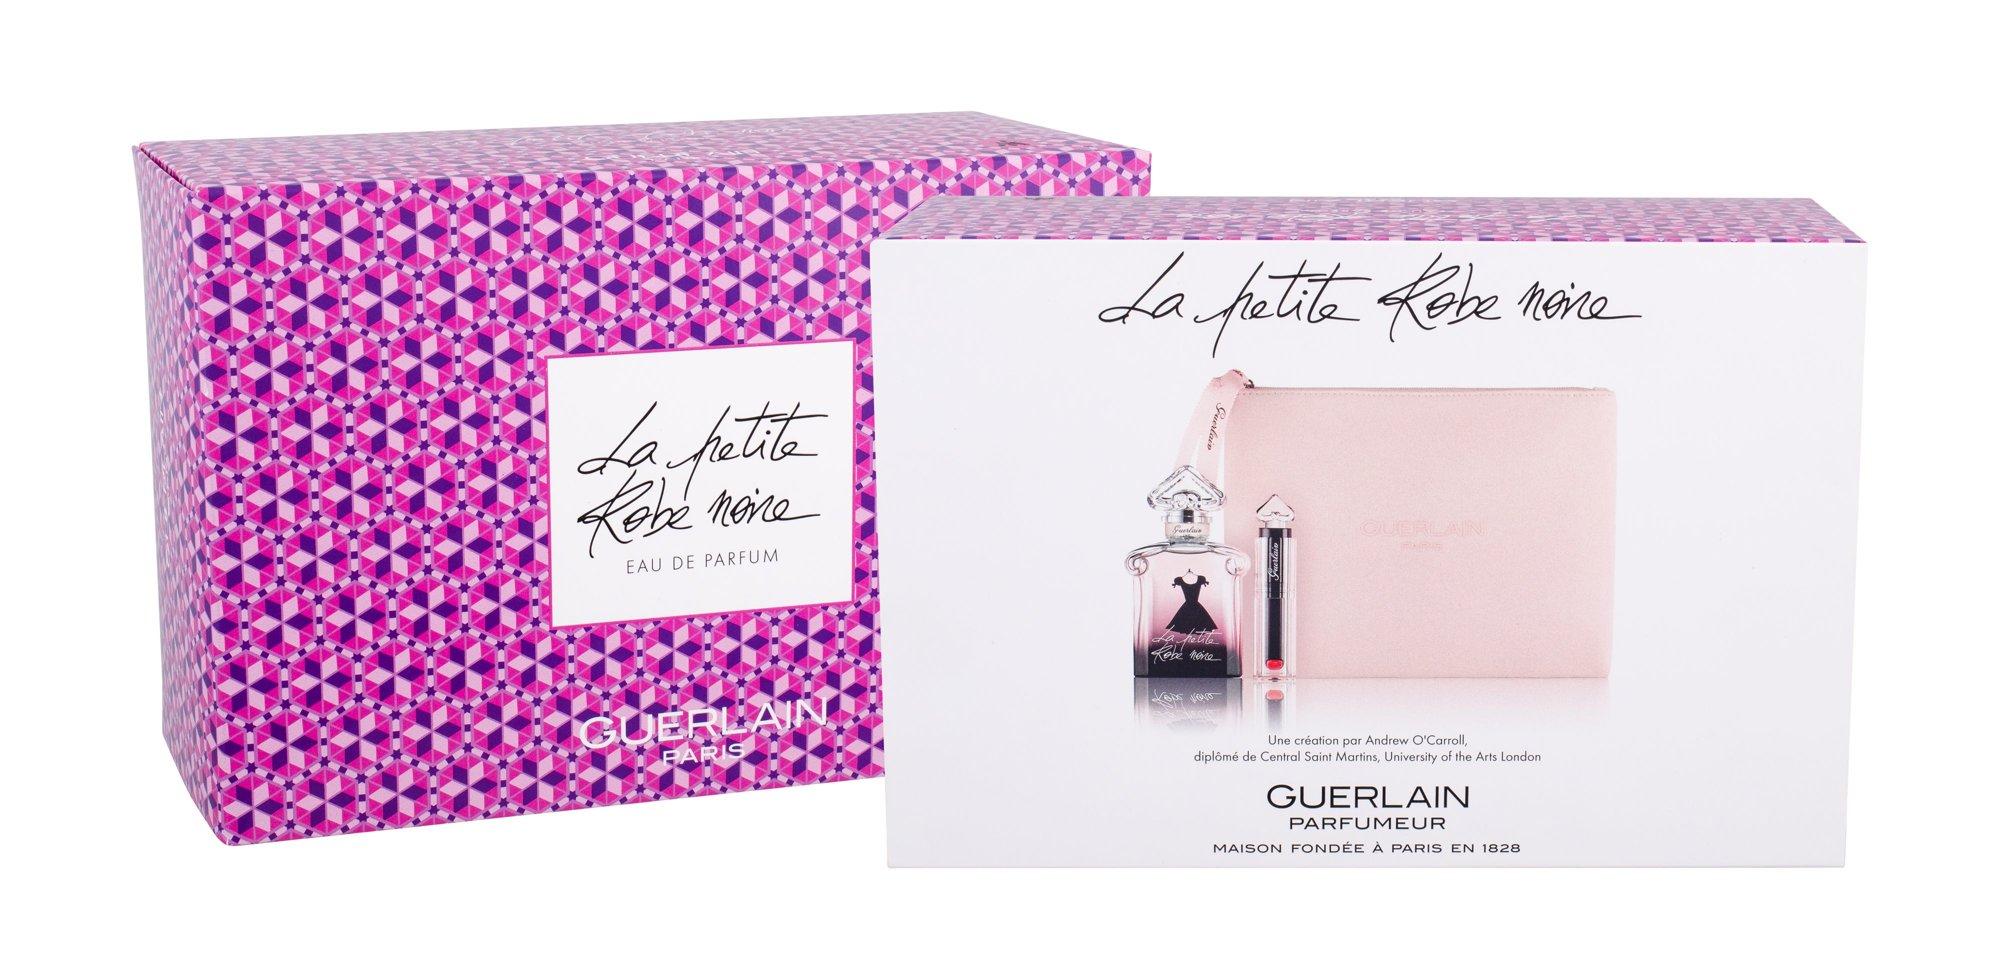 Guerlain La Petite Robe Noire Eau de Parfum 50ml